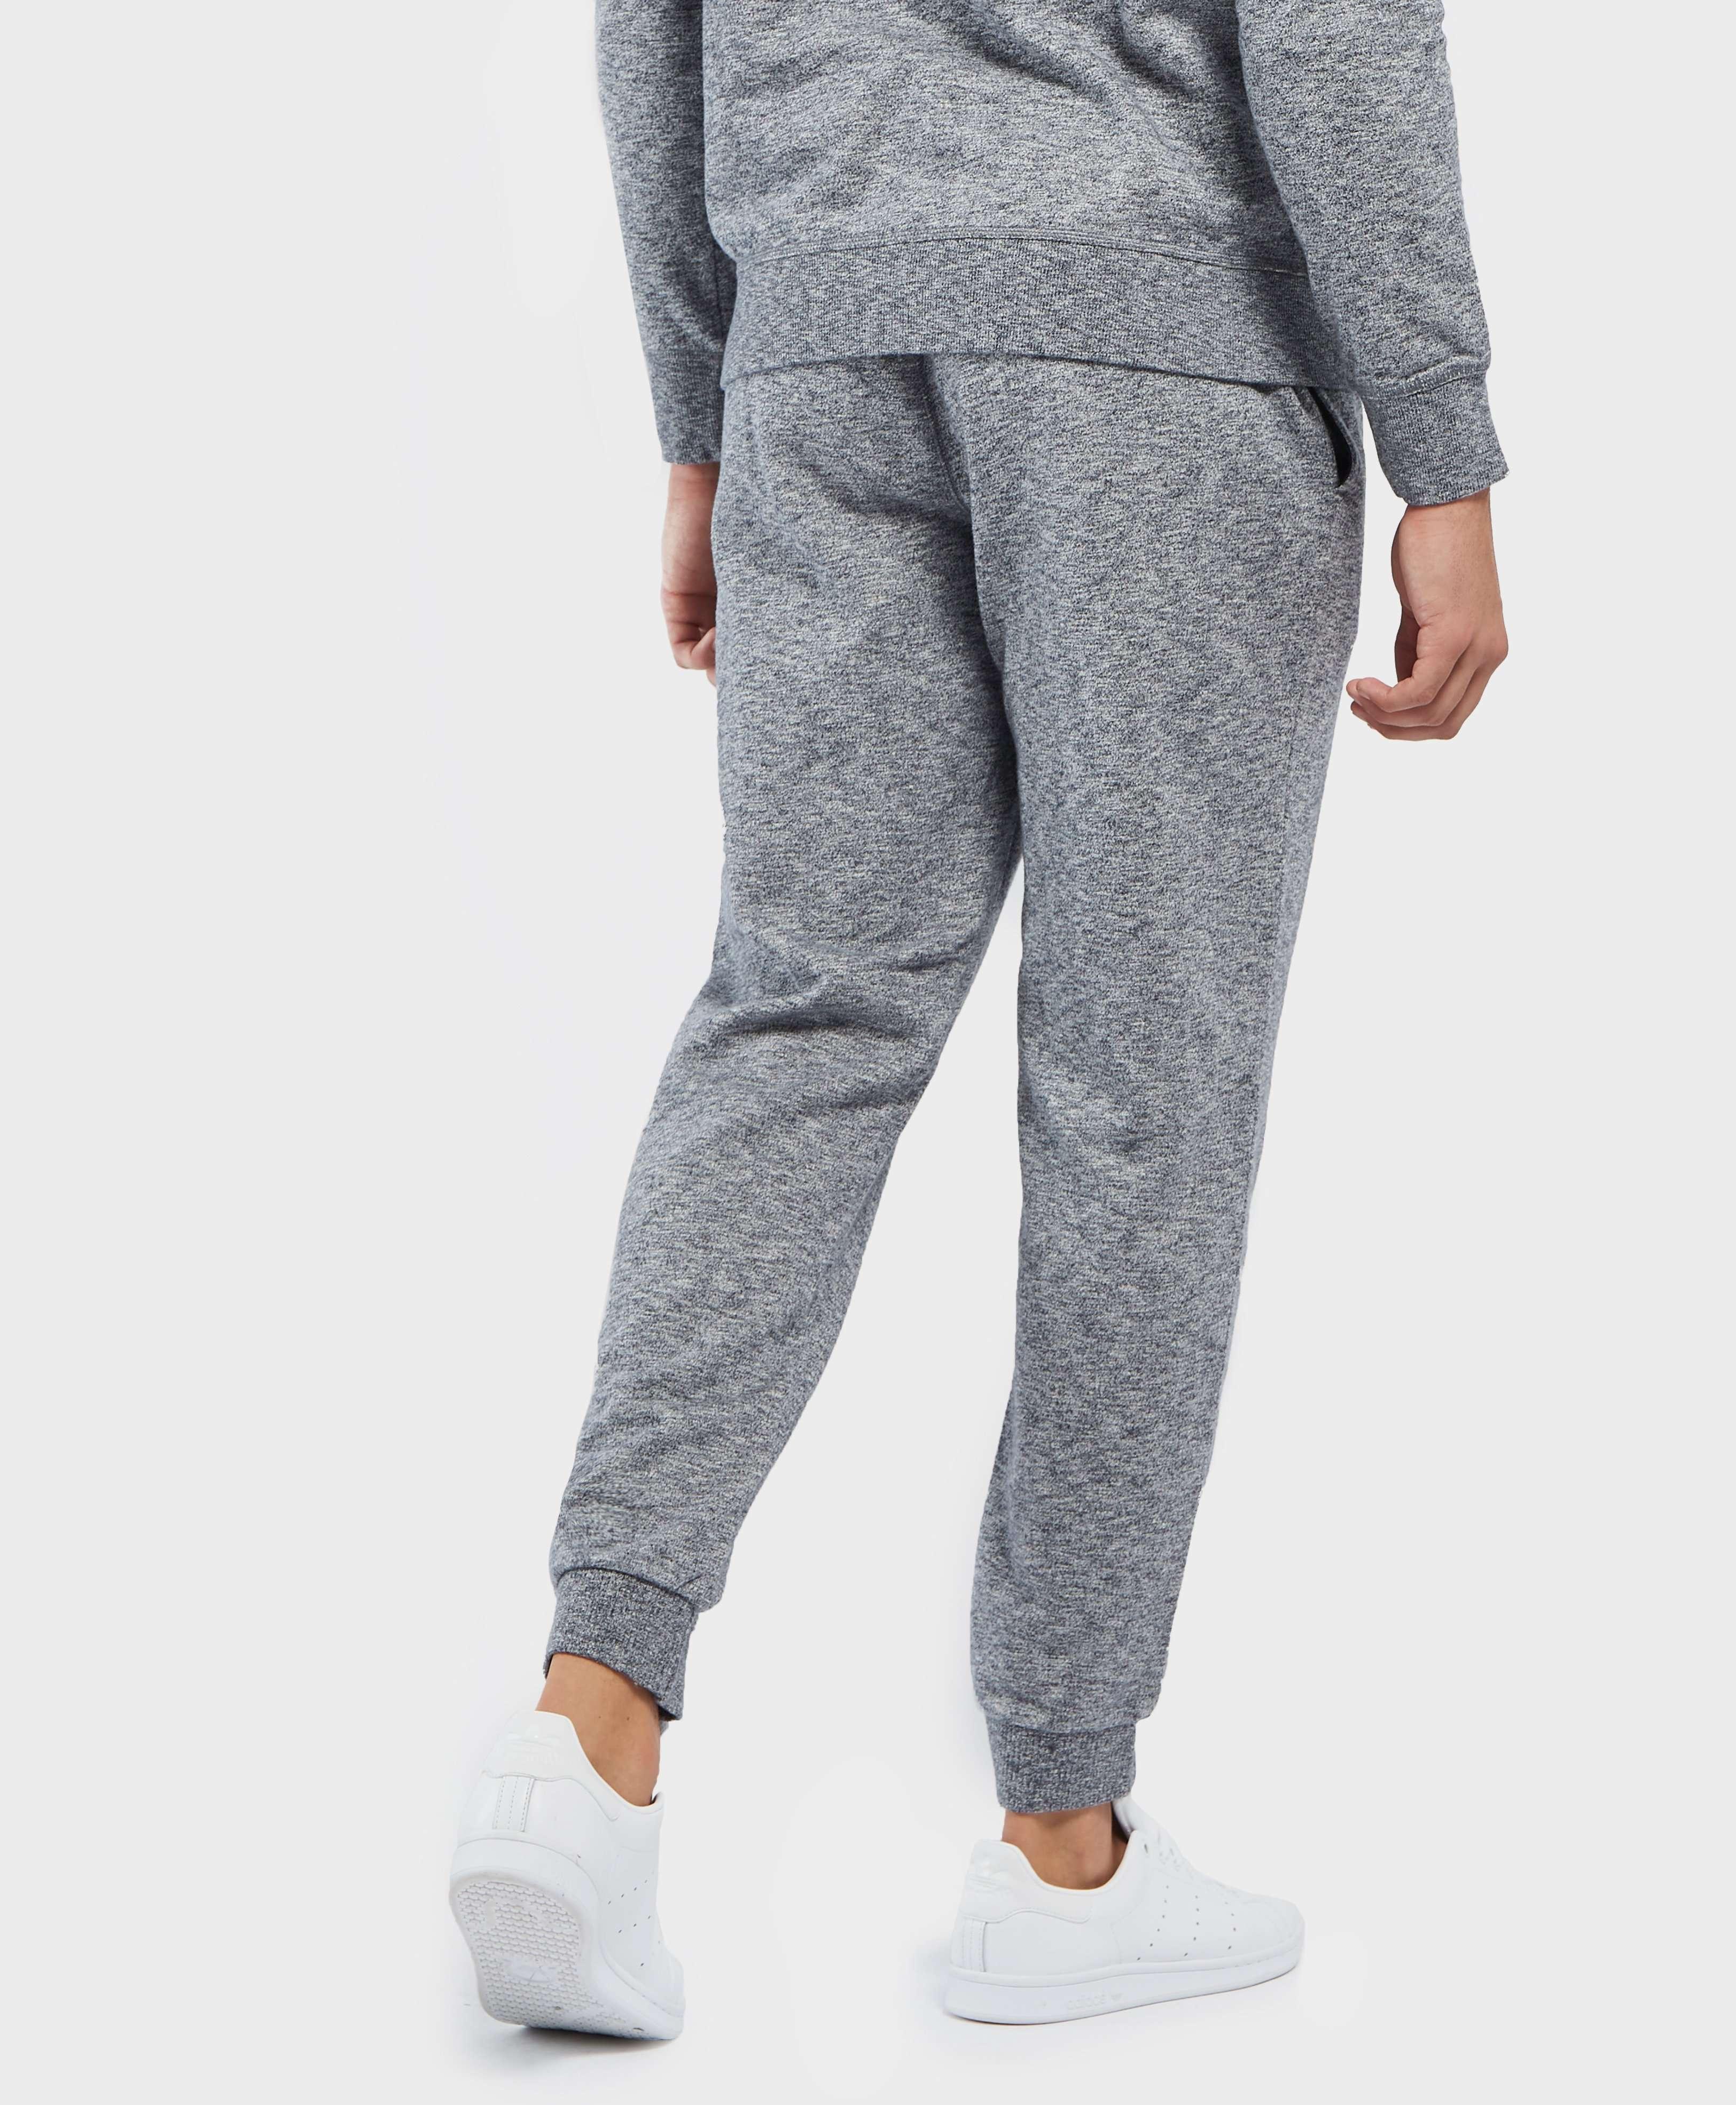 Original Penguin Cuffed Fleece Pants